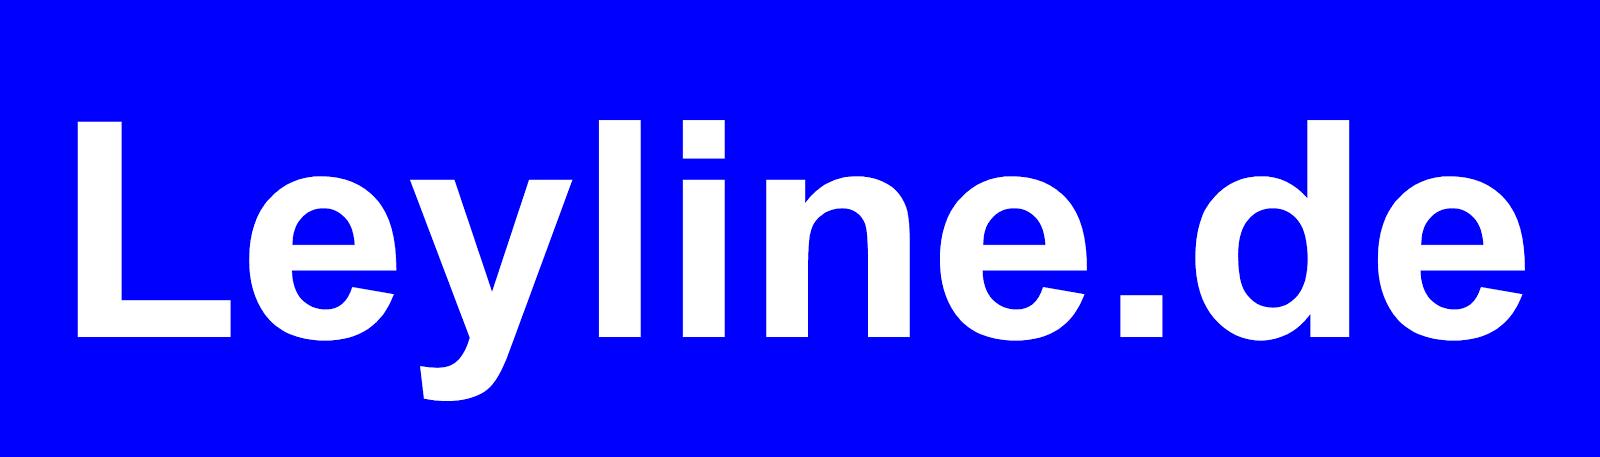 Leyline-Logo